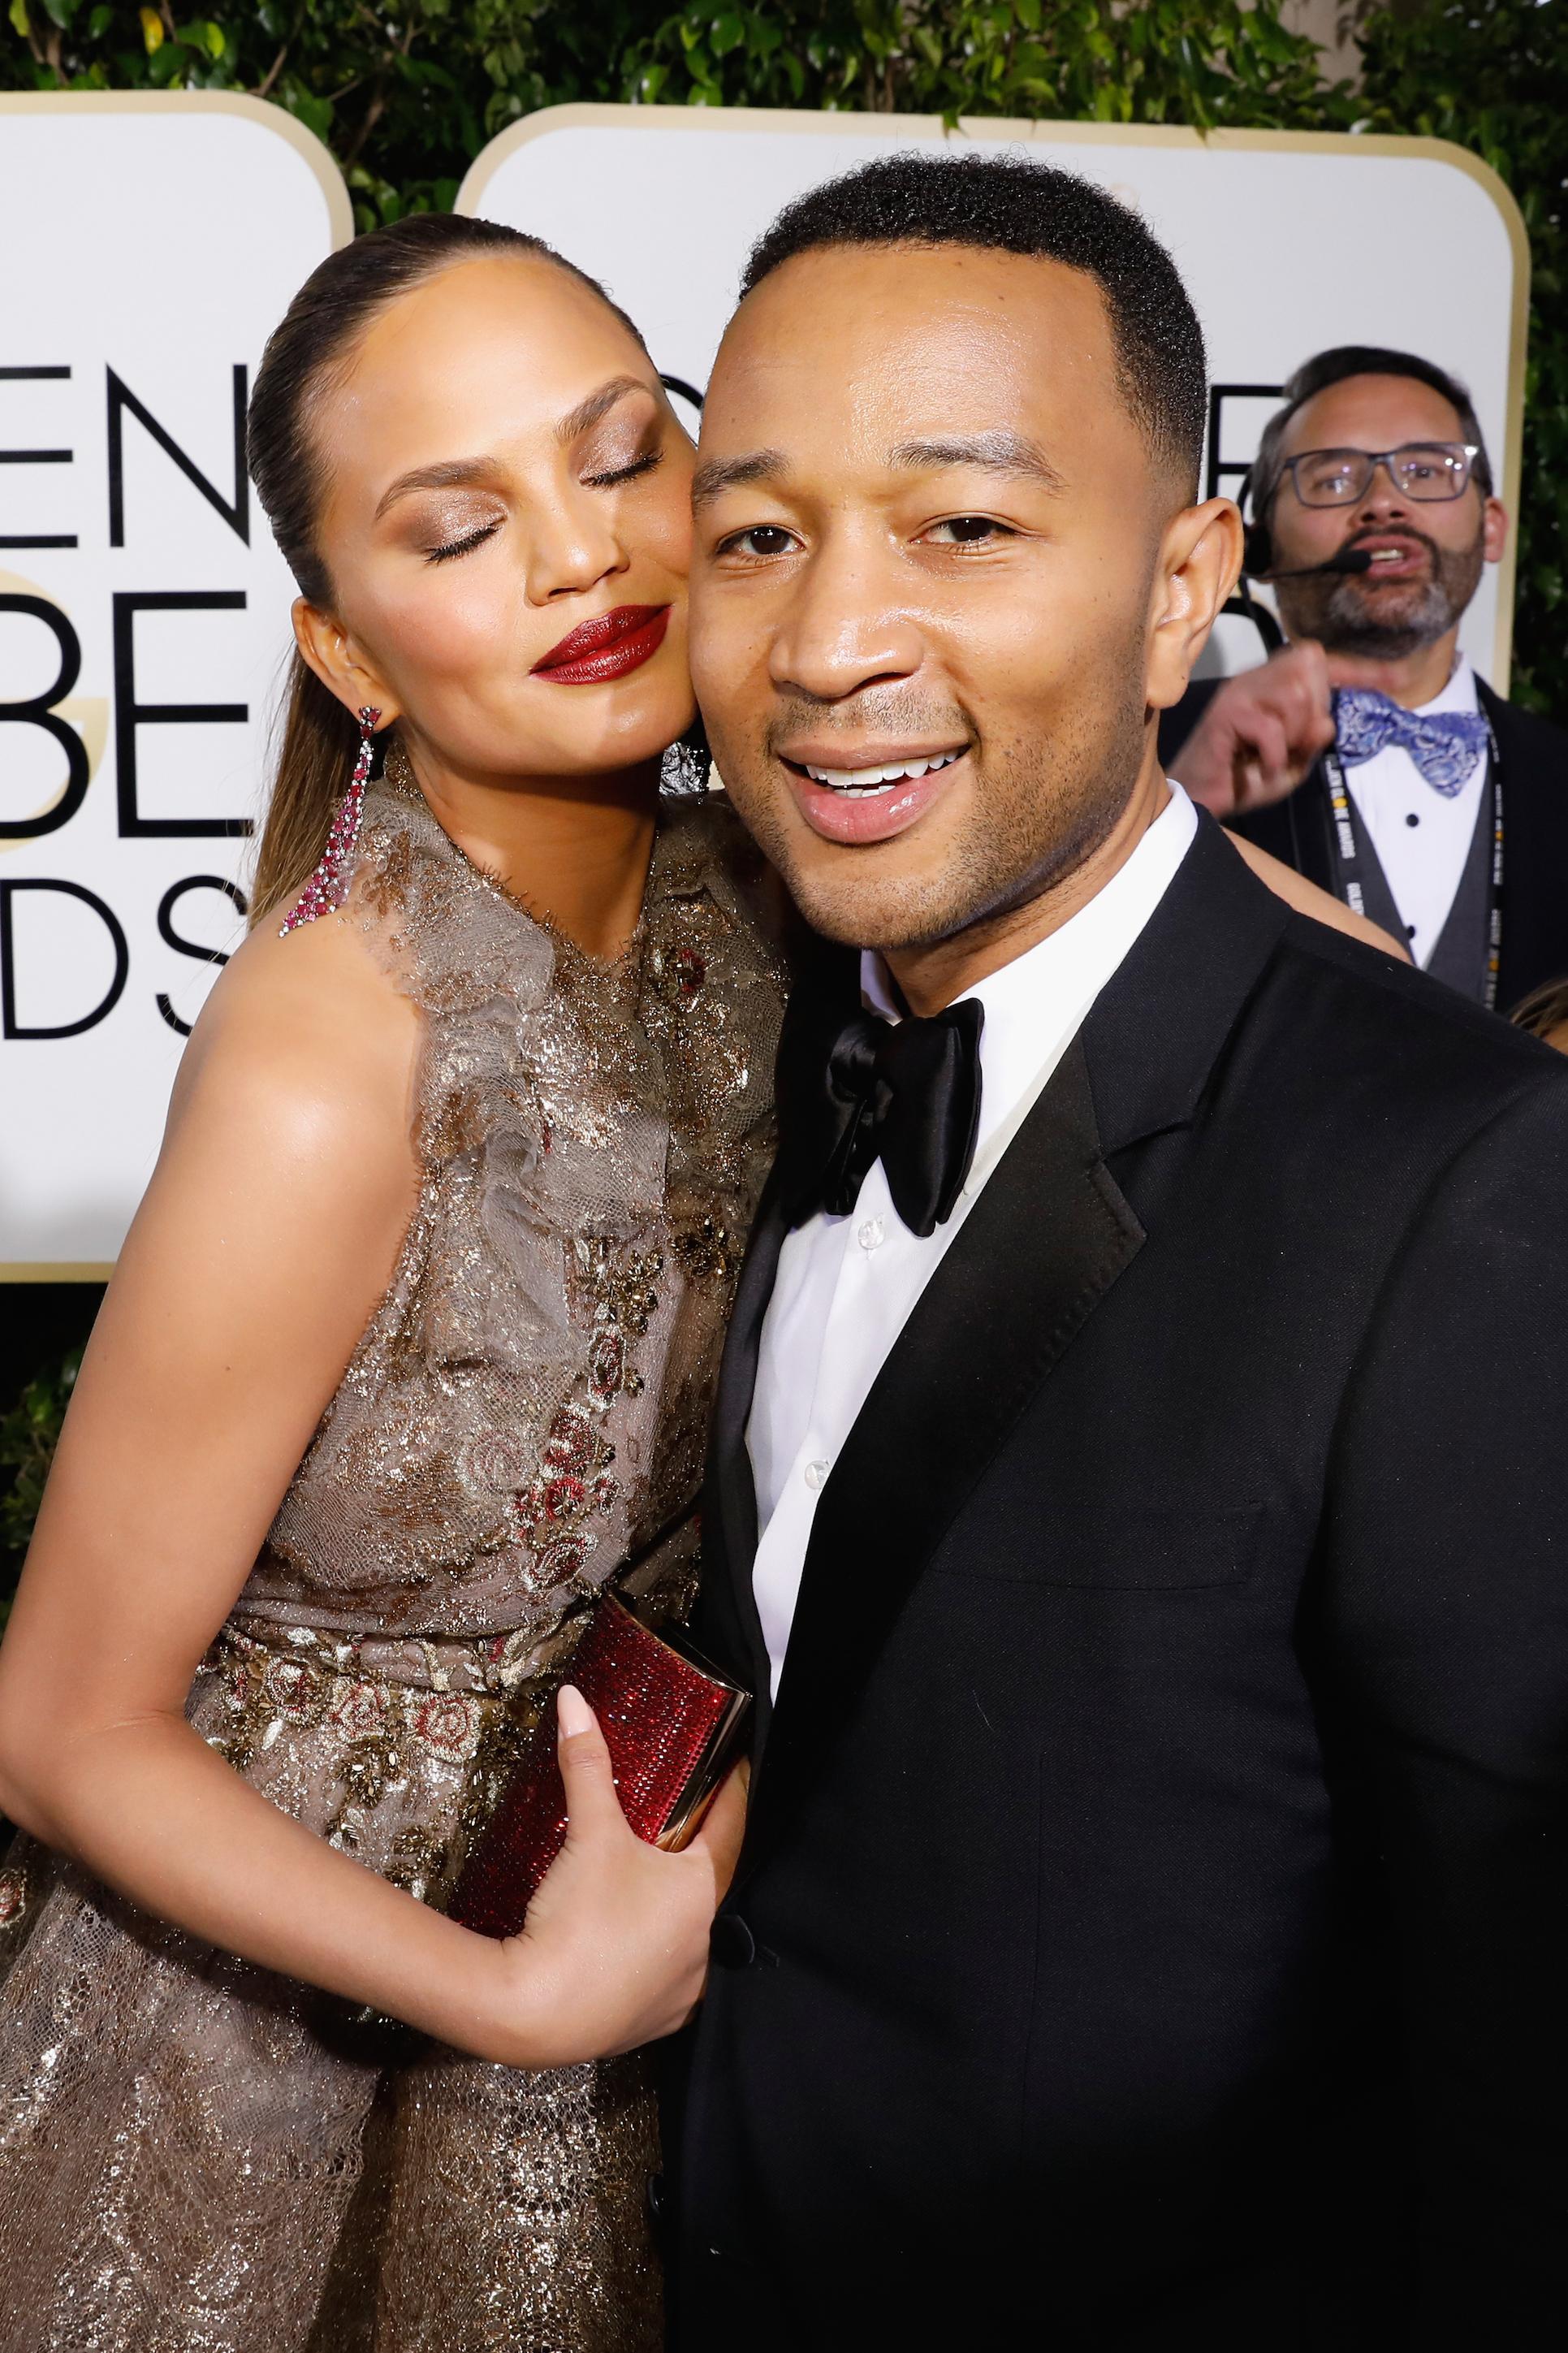 Chrissy Teigen and John Legend Golden Globes 2017